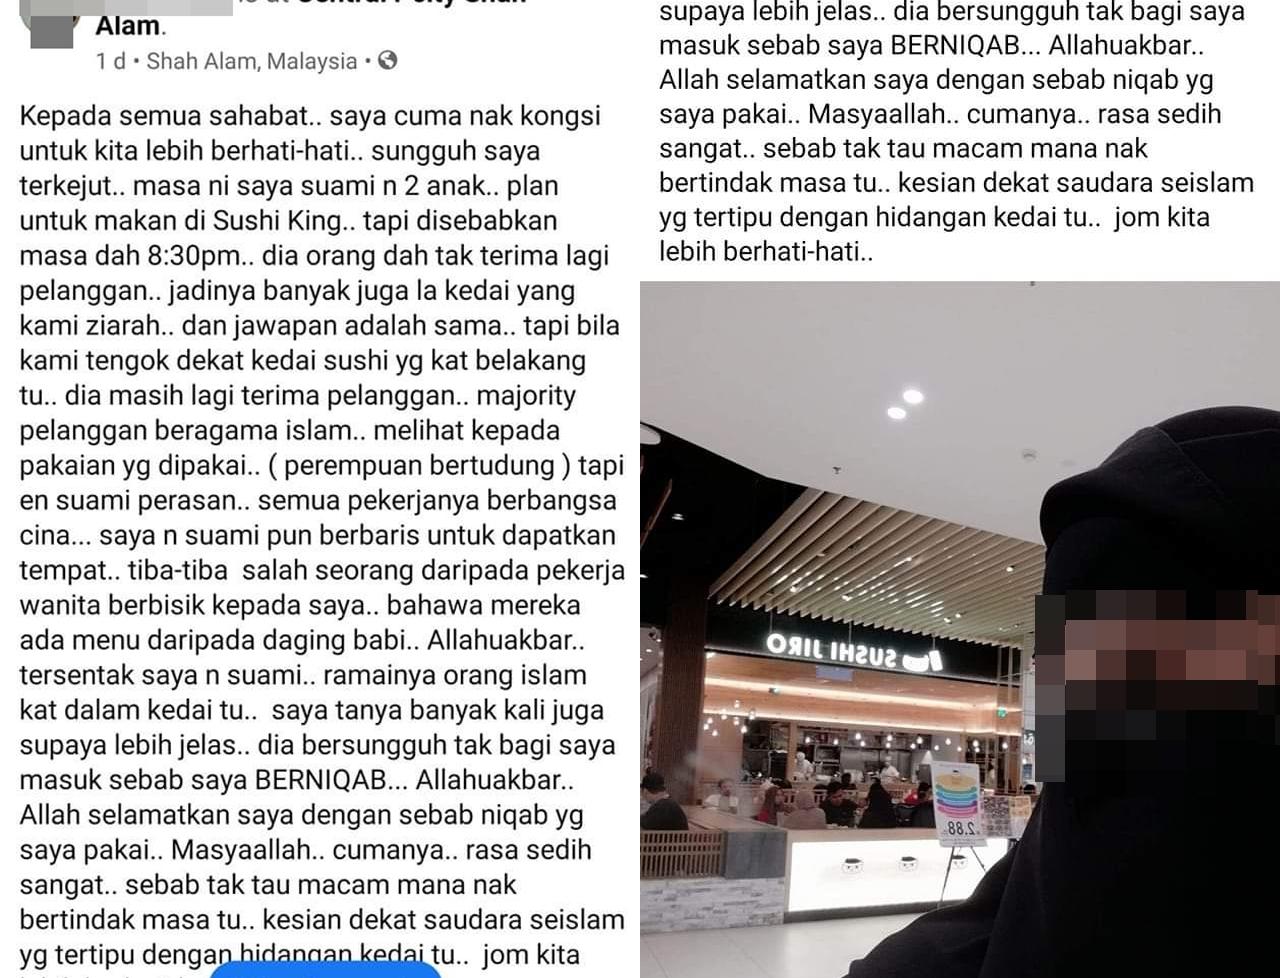 网友指控贩售猪肉餐点却招待穆斯林 寿司店斥造谣